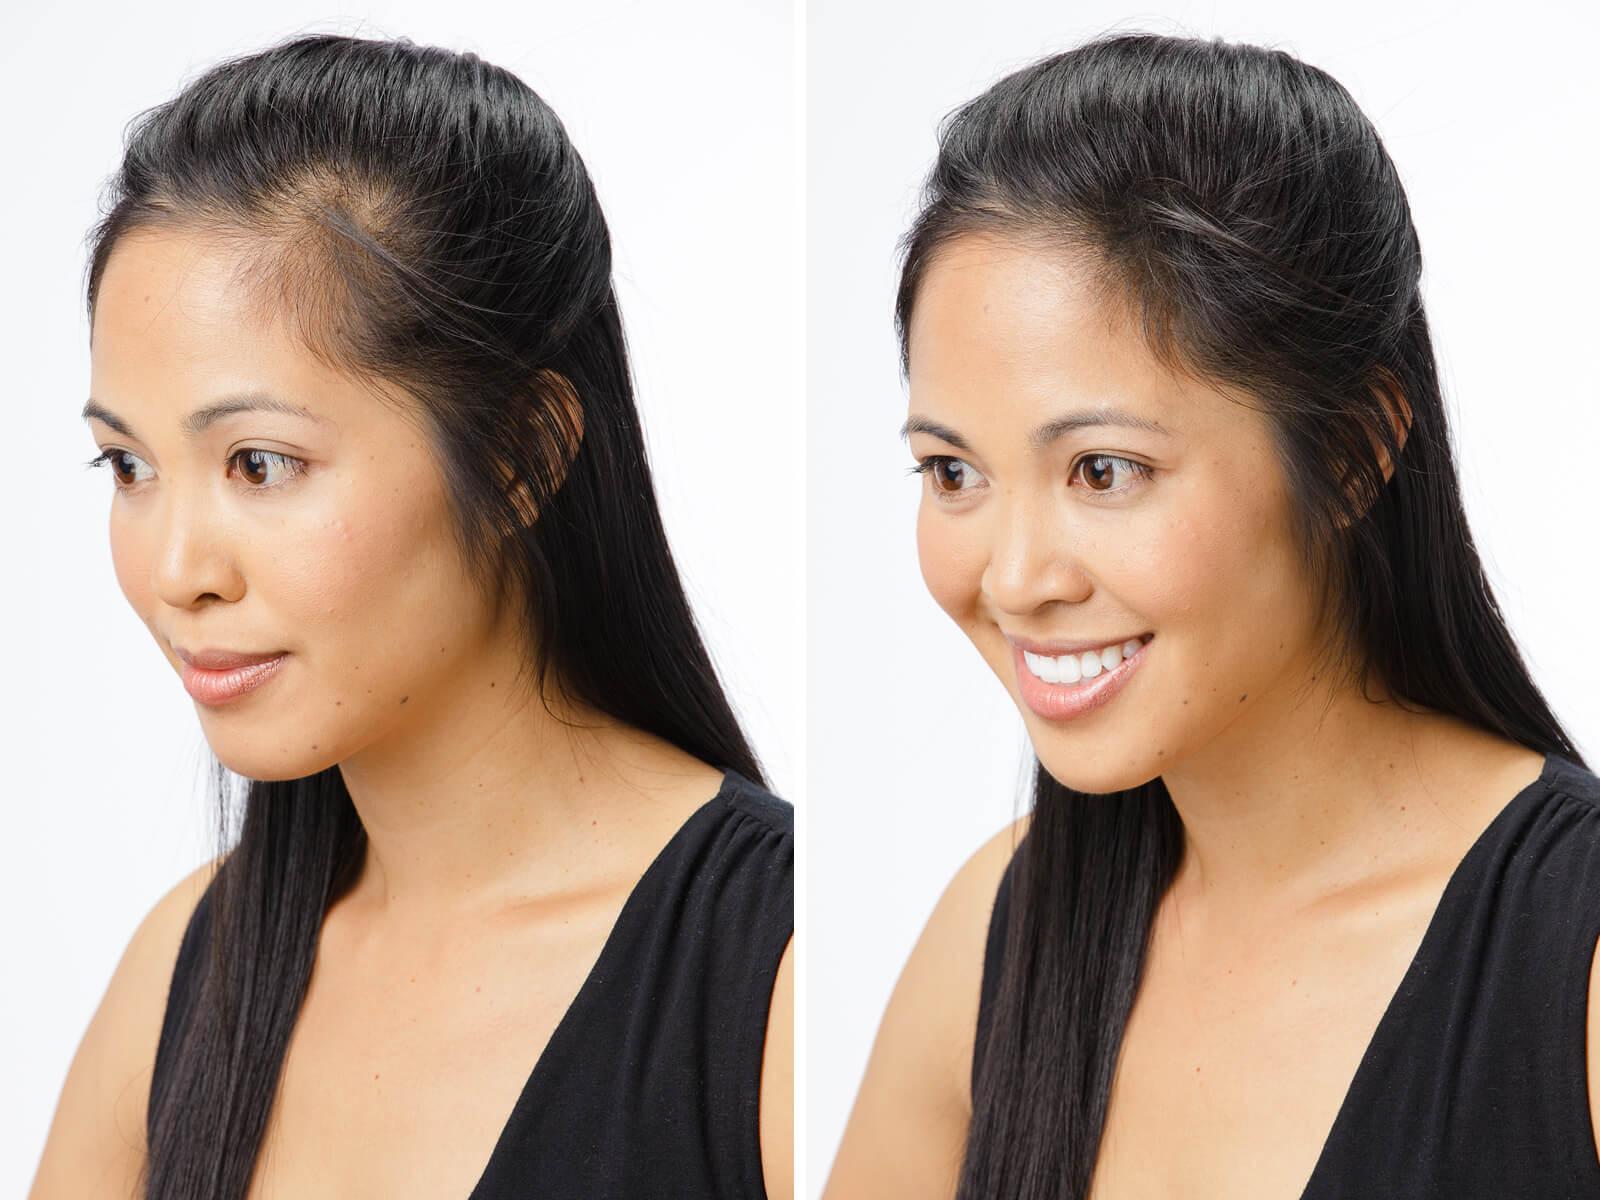 జుట్టు రాలడాన్నినివారించే సులభమైన విధానం - How to Stop hair loss